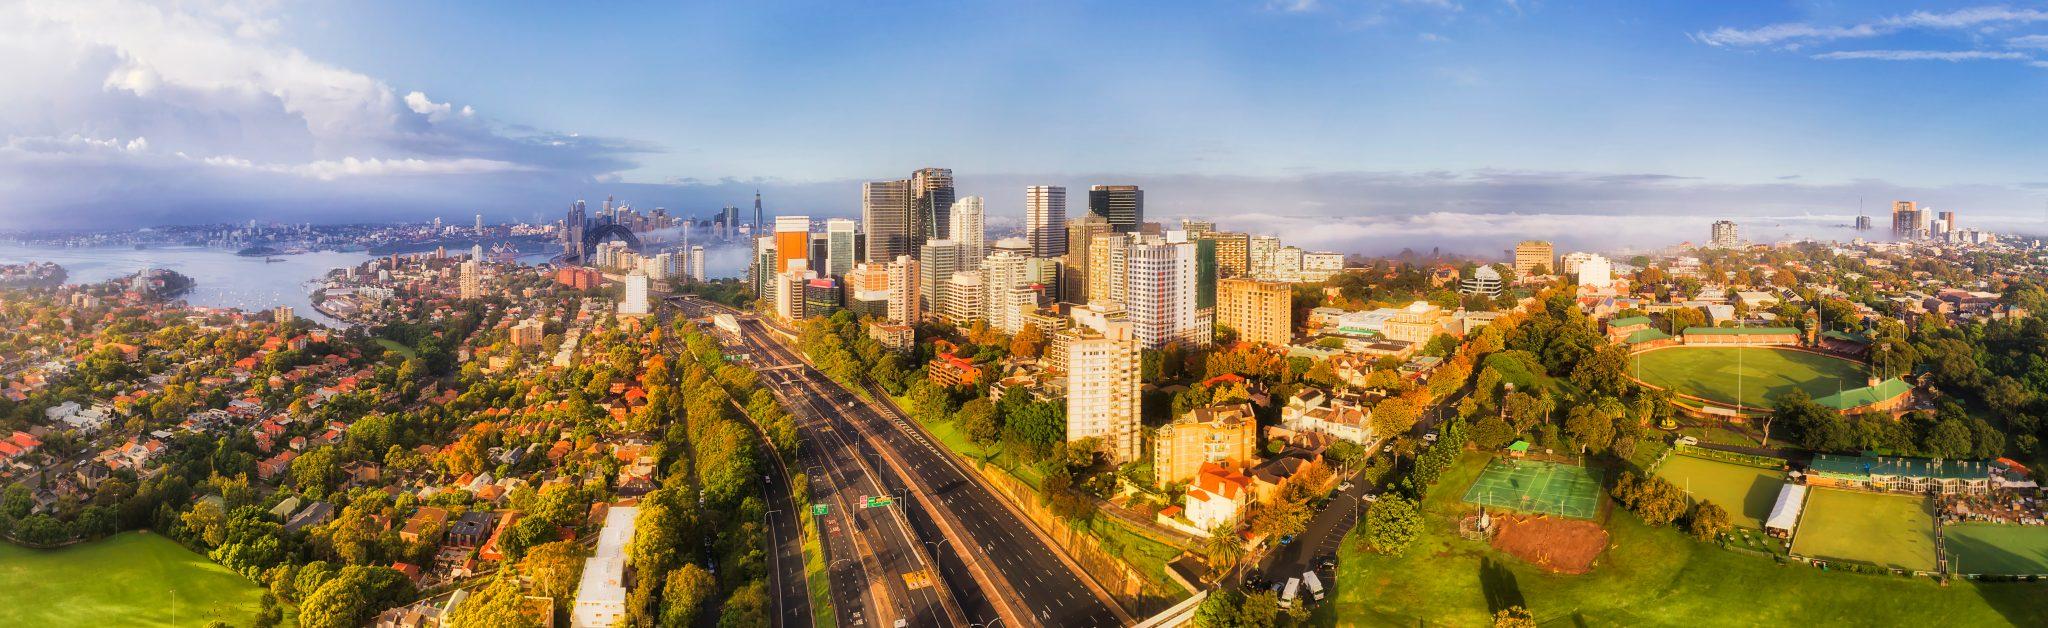 Dịch vụ tìm kiếm, thẩm định, mua lại, vận hành doanh nghiệp <br>tại nước ngoài (M&A)